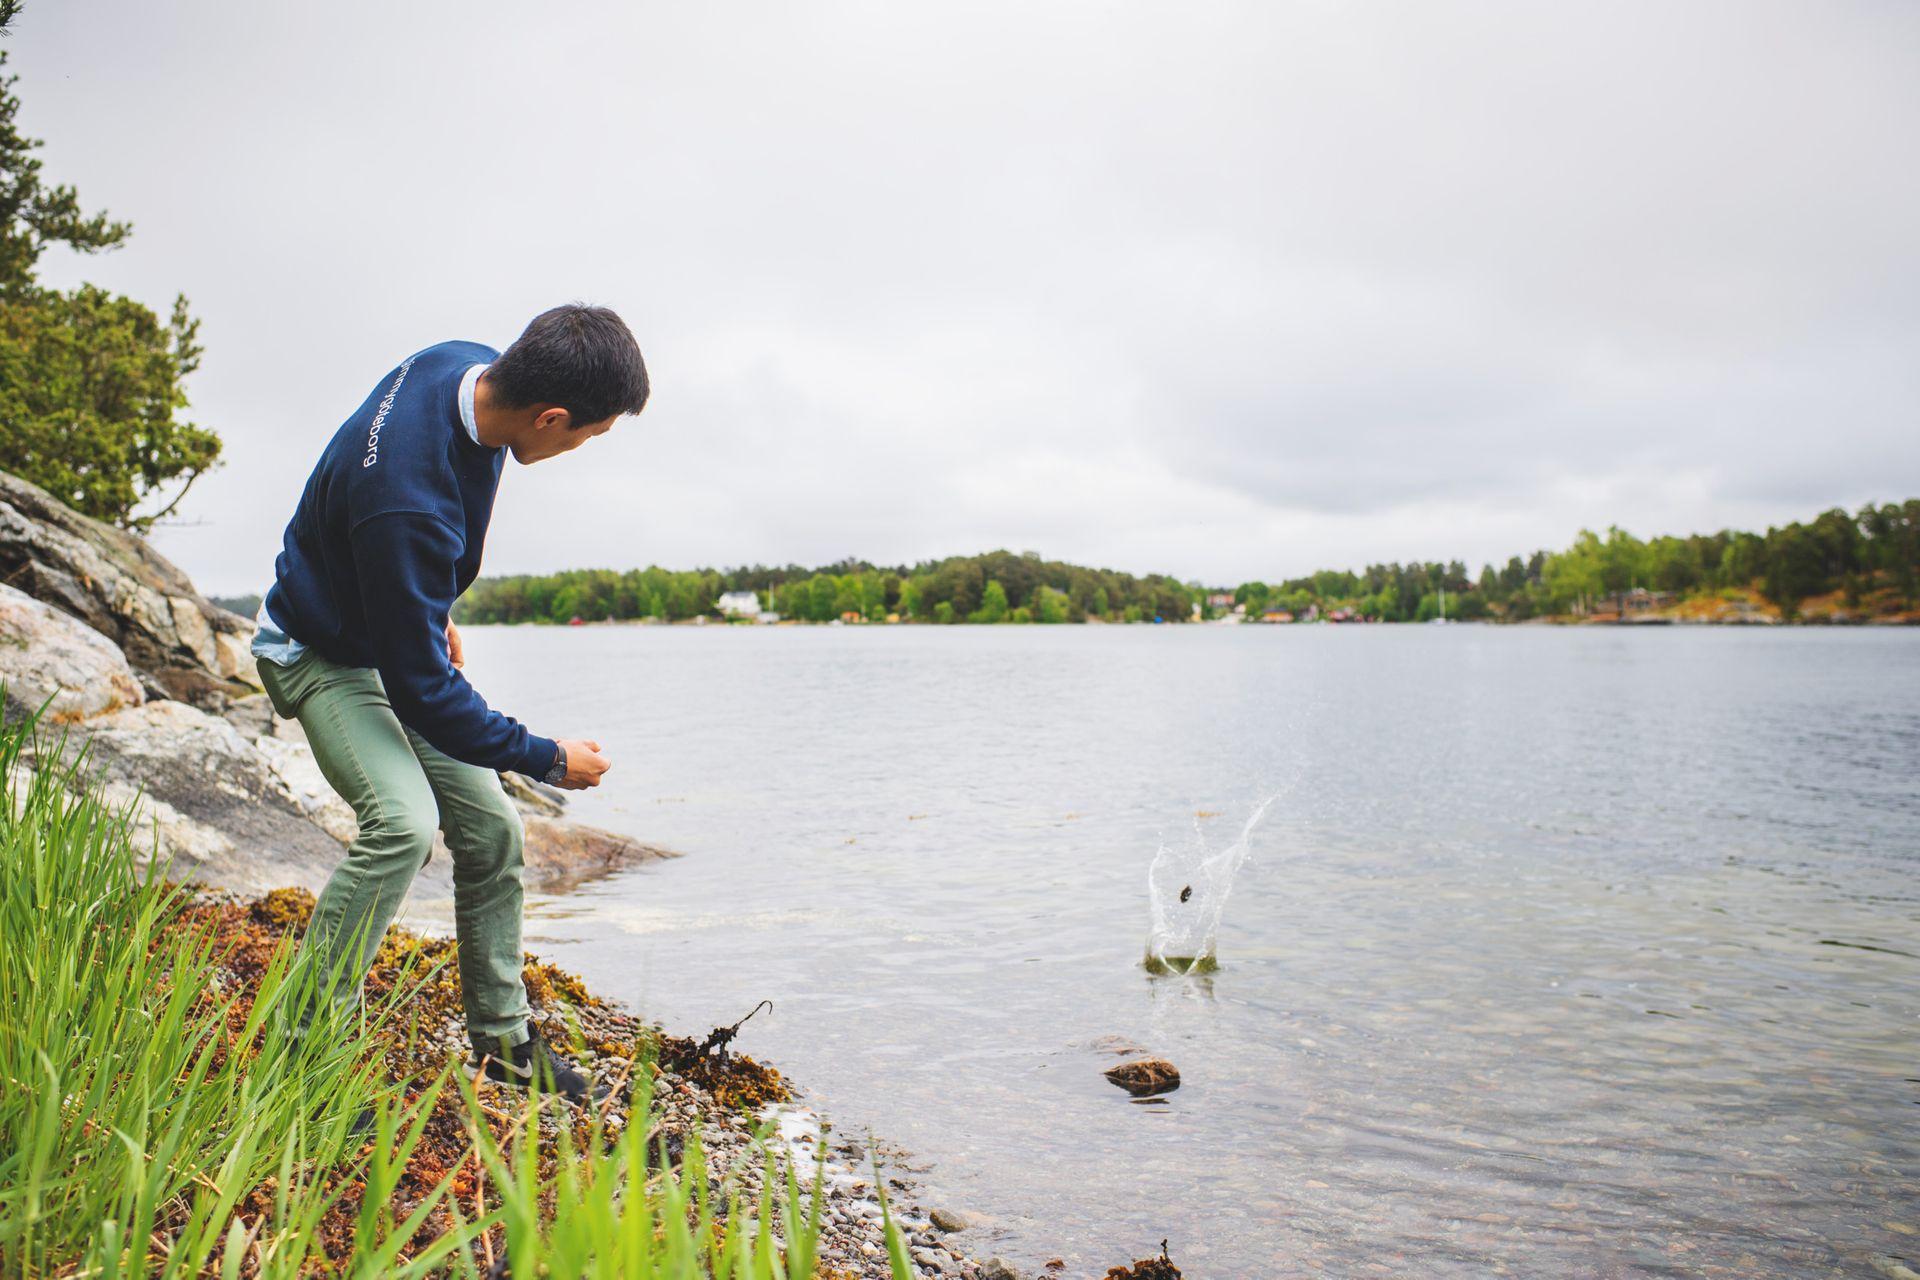 Man skimming stones on a lake.